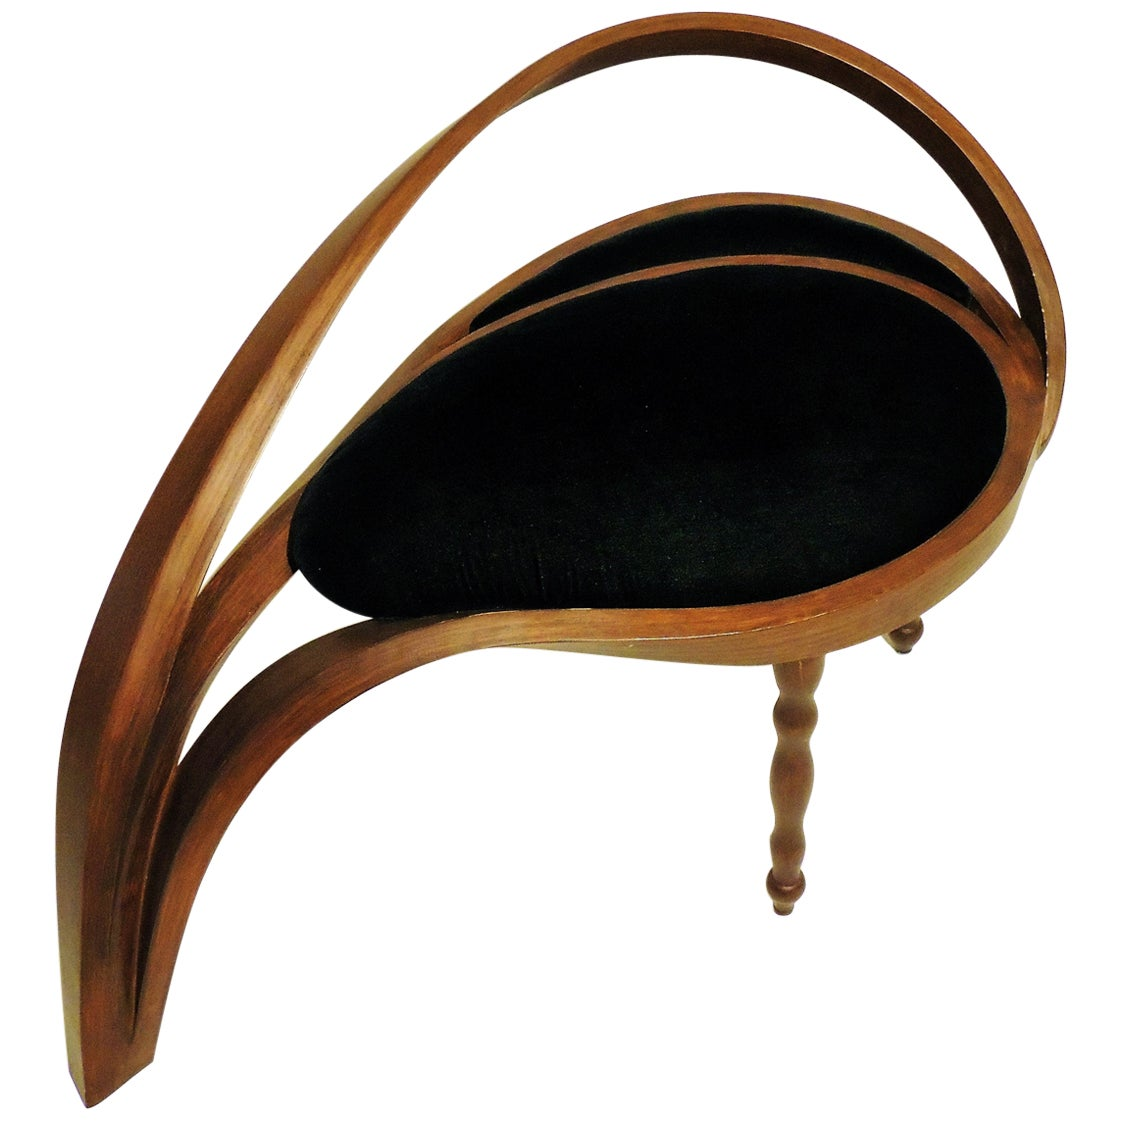 Solid Bentwood Side Chair Stool, Velvet Upholstery by Raka Studio